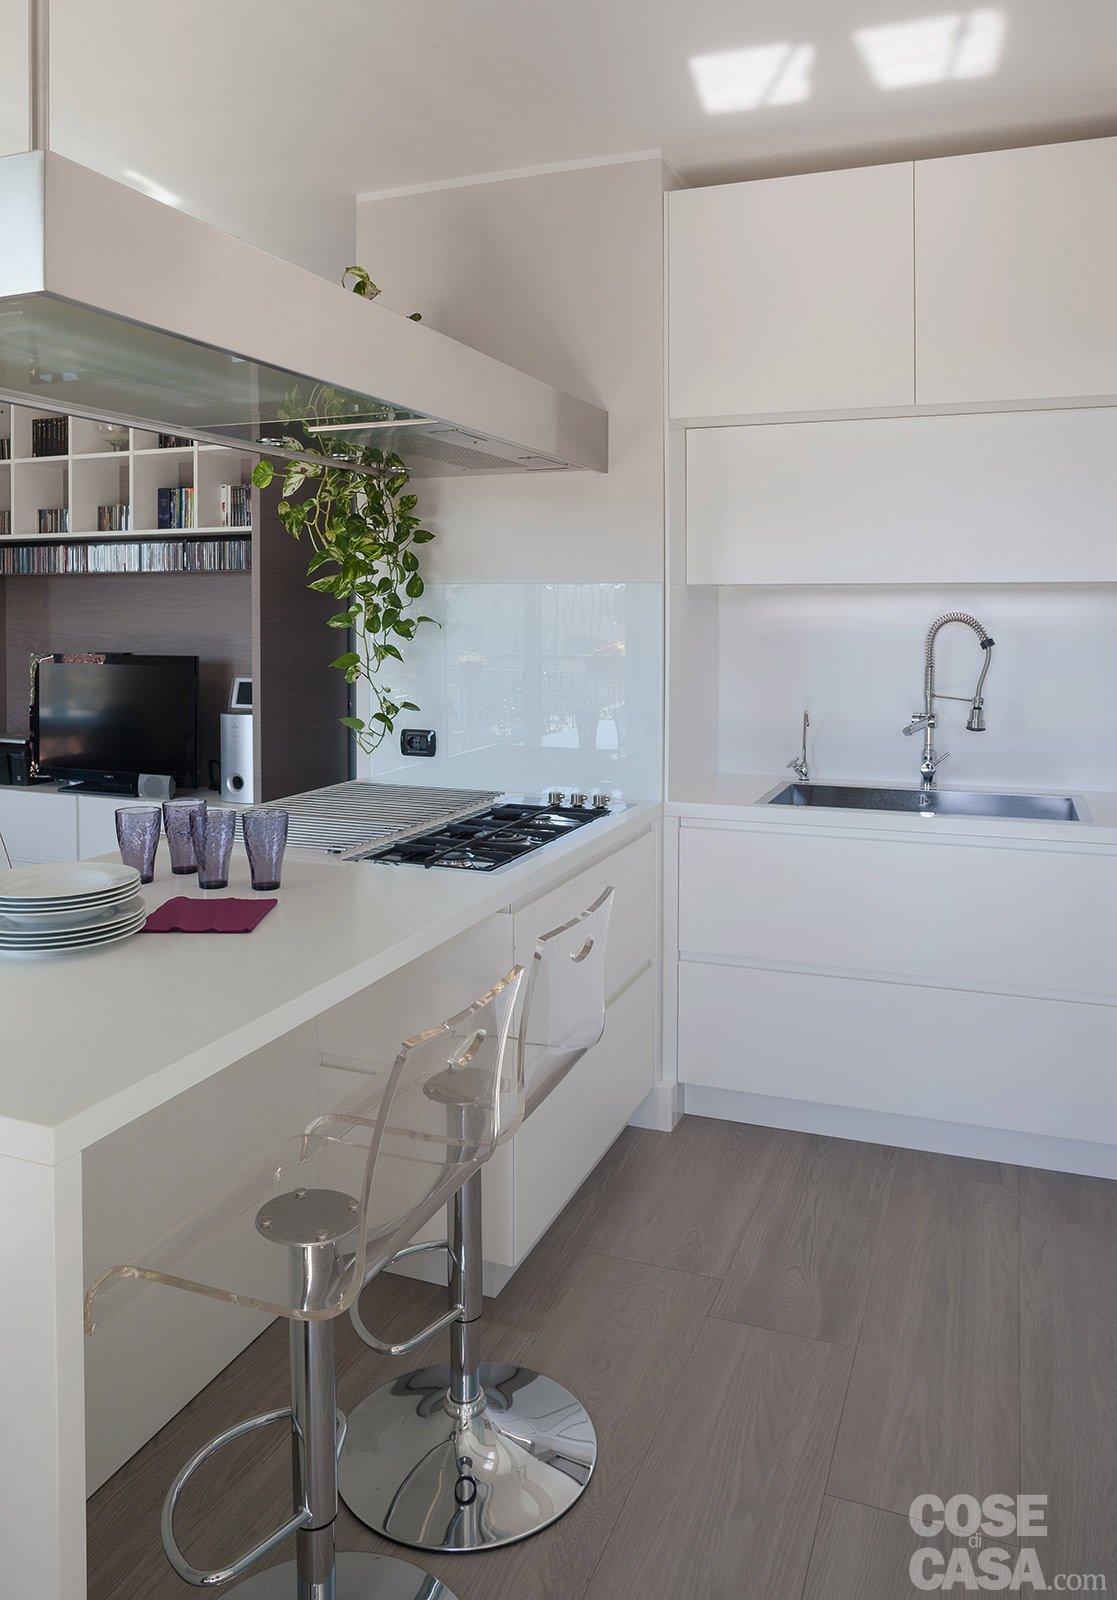 Cucine Con Cartongesso: Cucina in muratura con cartongesso ...